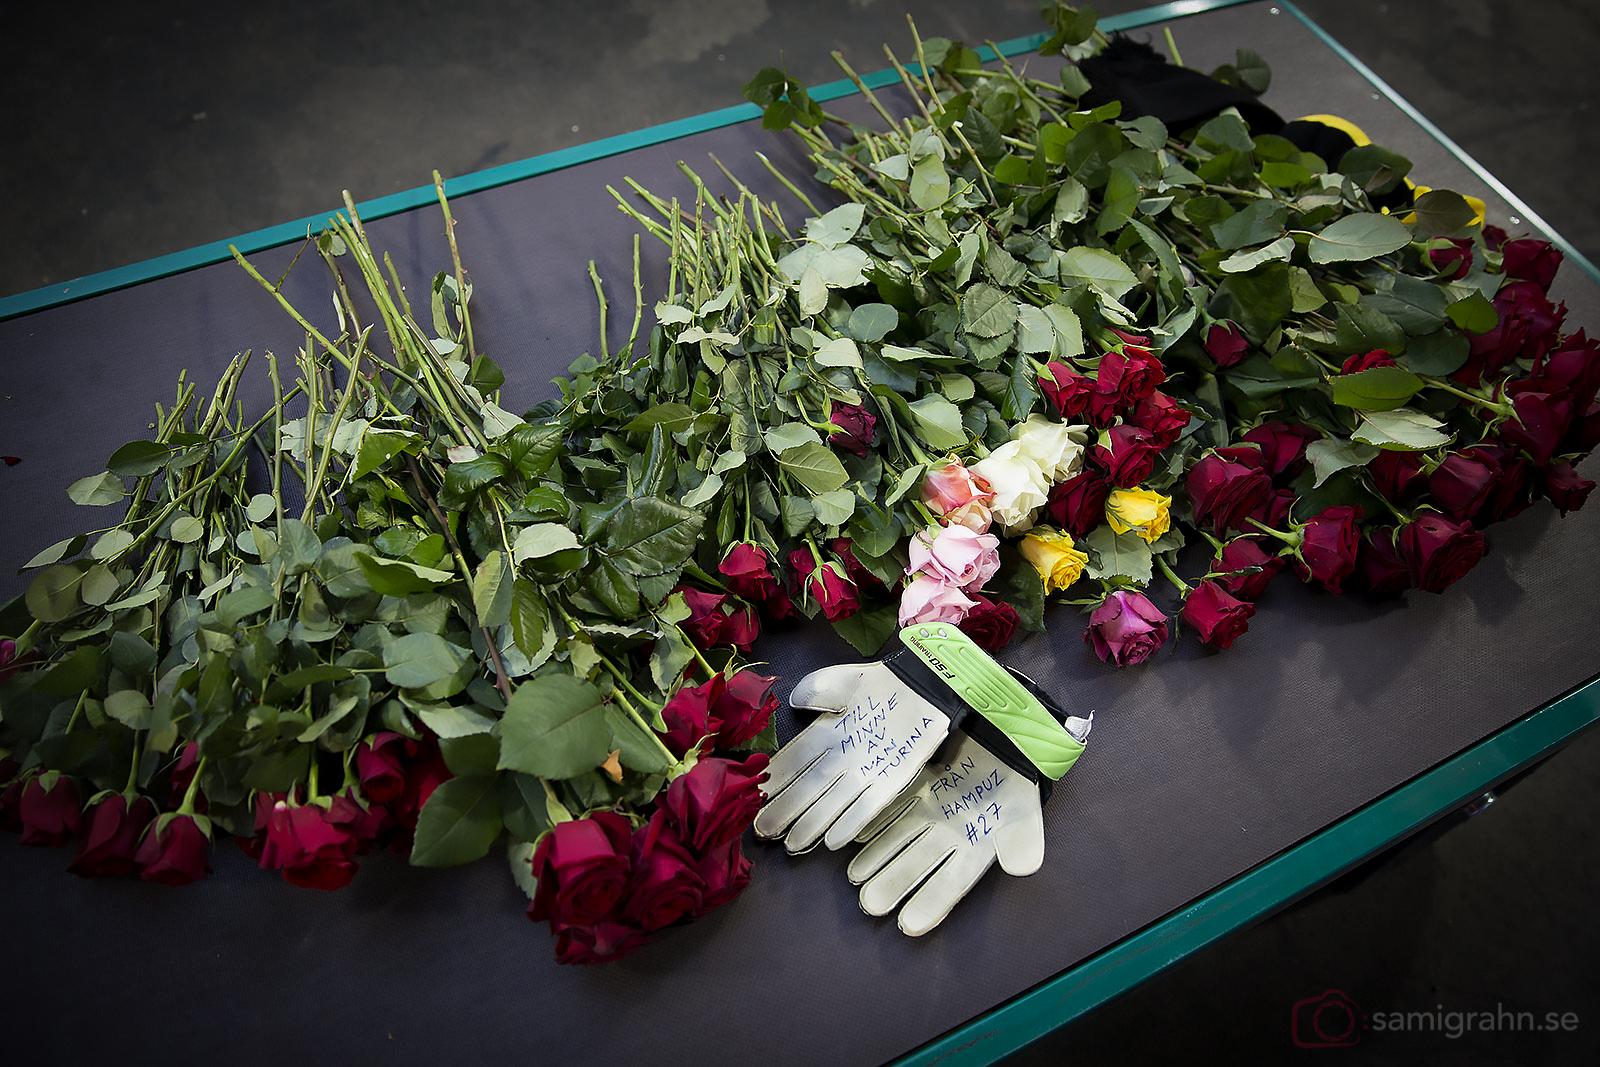 Blommor till minne av Ivan Turina